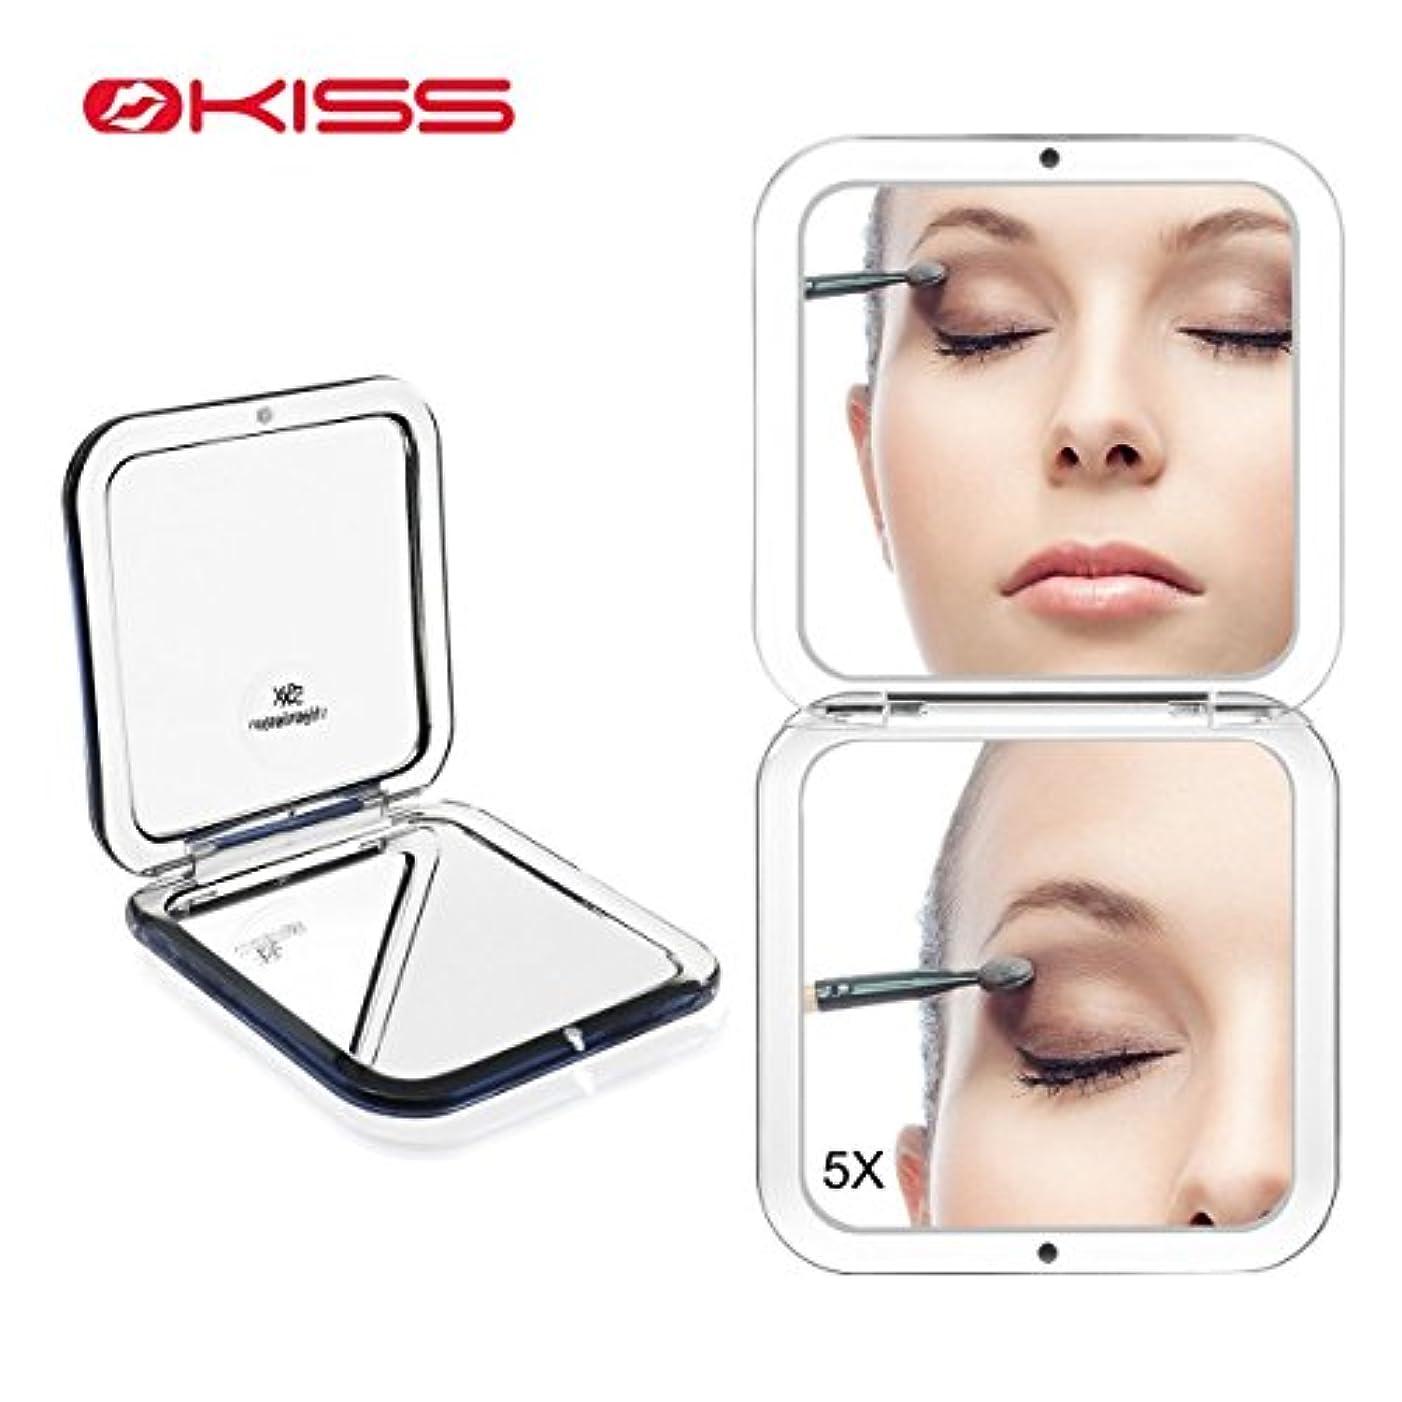 進む破裂最愛のOKISS ハンドミラー 手鏡 メンズ コンパクトミラー 化粧鏡 ミラー 5倍拡大鏡+等倍鏡 両面 メンズ 携帯ミラー 折りたたみ おしゃれ 外出 持ち運び便利